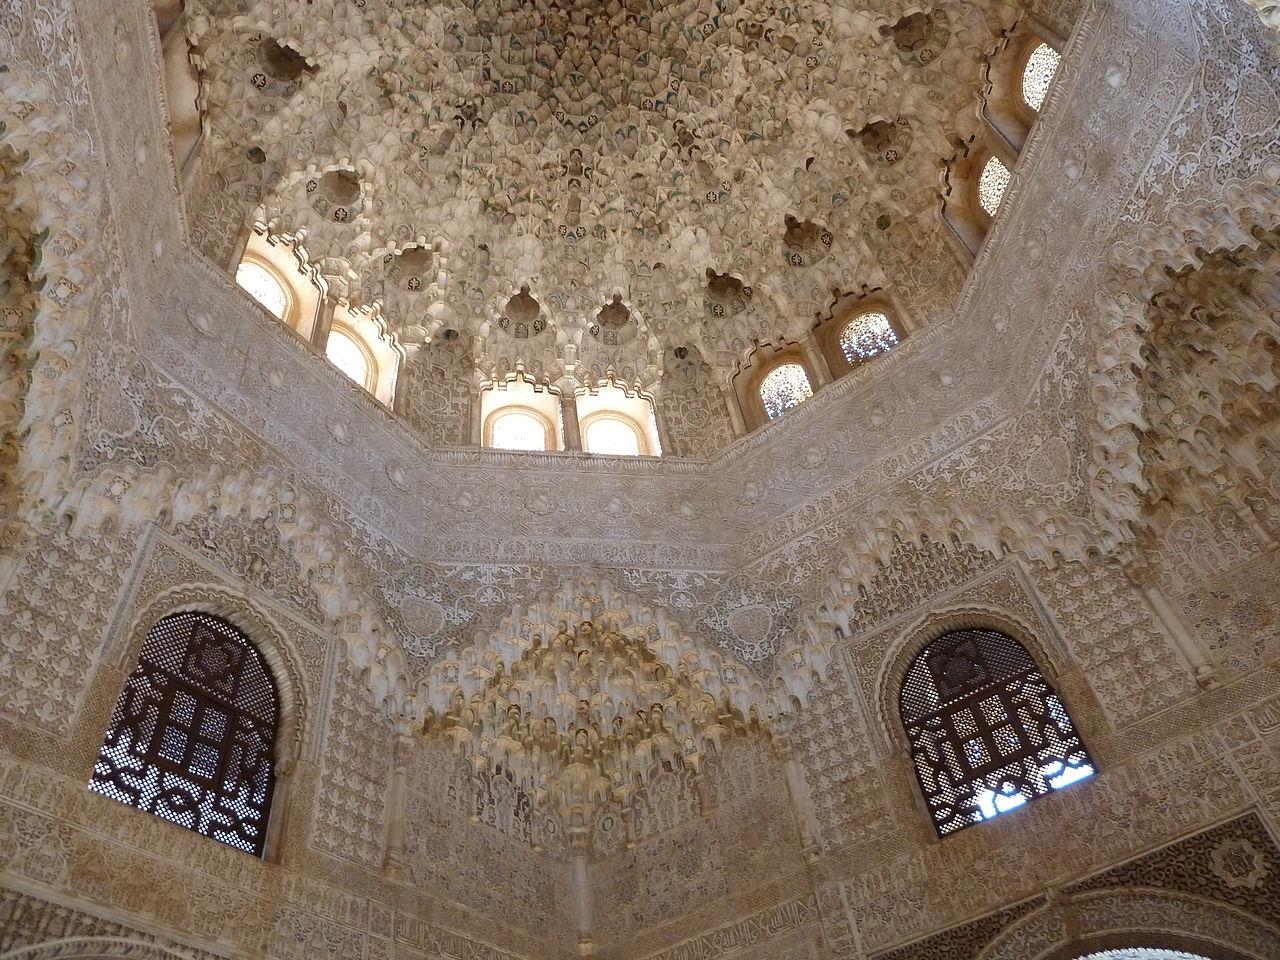 Les muqarnas ou mocarabes et l'architecture islamique (Alhambra)